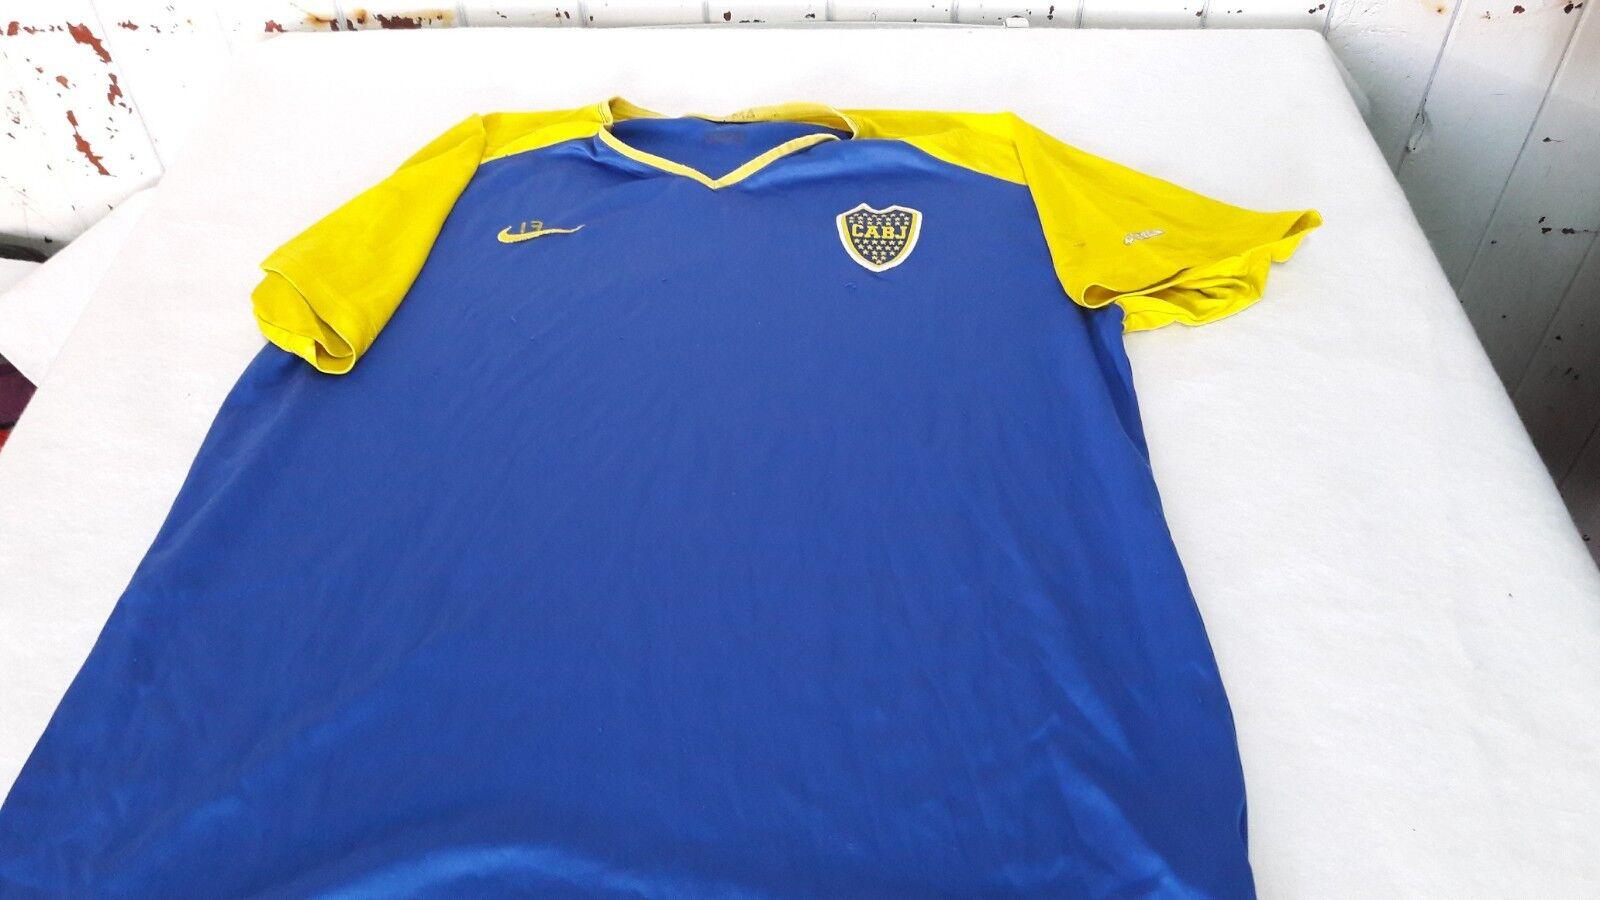 Old Boca Jr Formación Camiseta De Fútbol Original Nike del club, con número 17